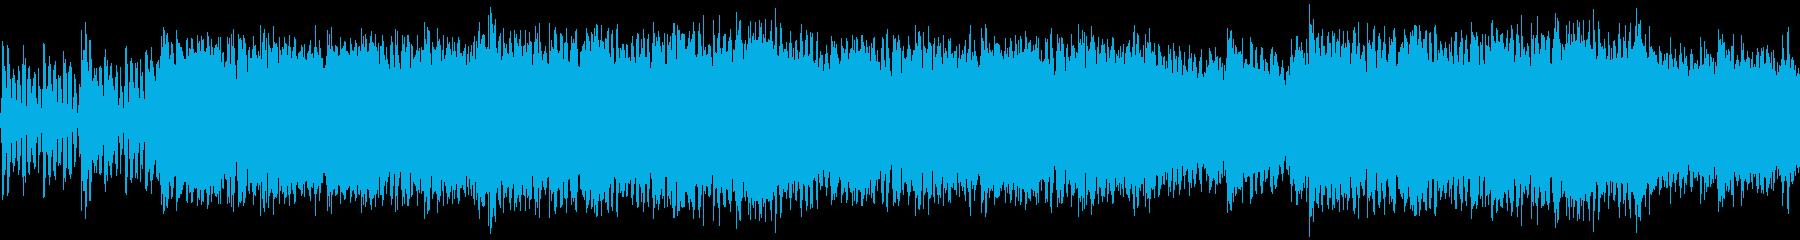 女性が歌うトロピカルポップ-恋愛編の再生済みの波形